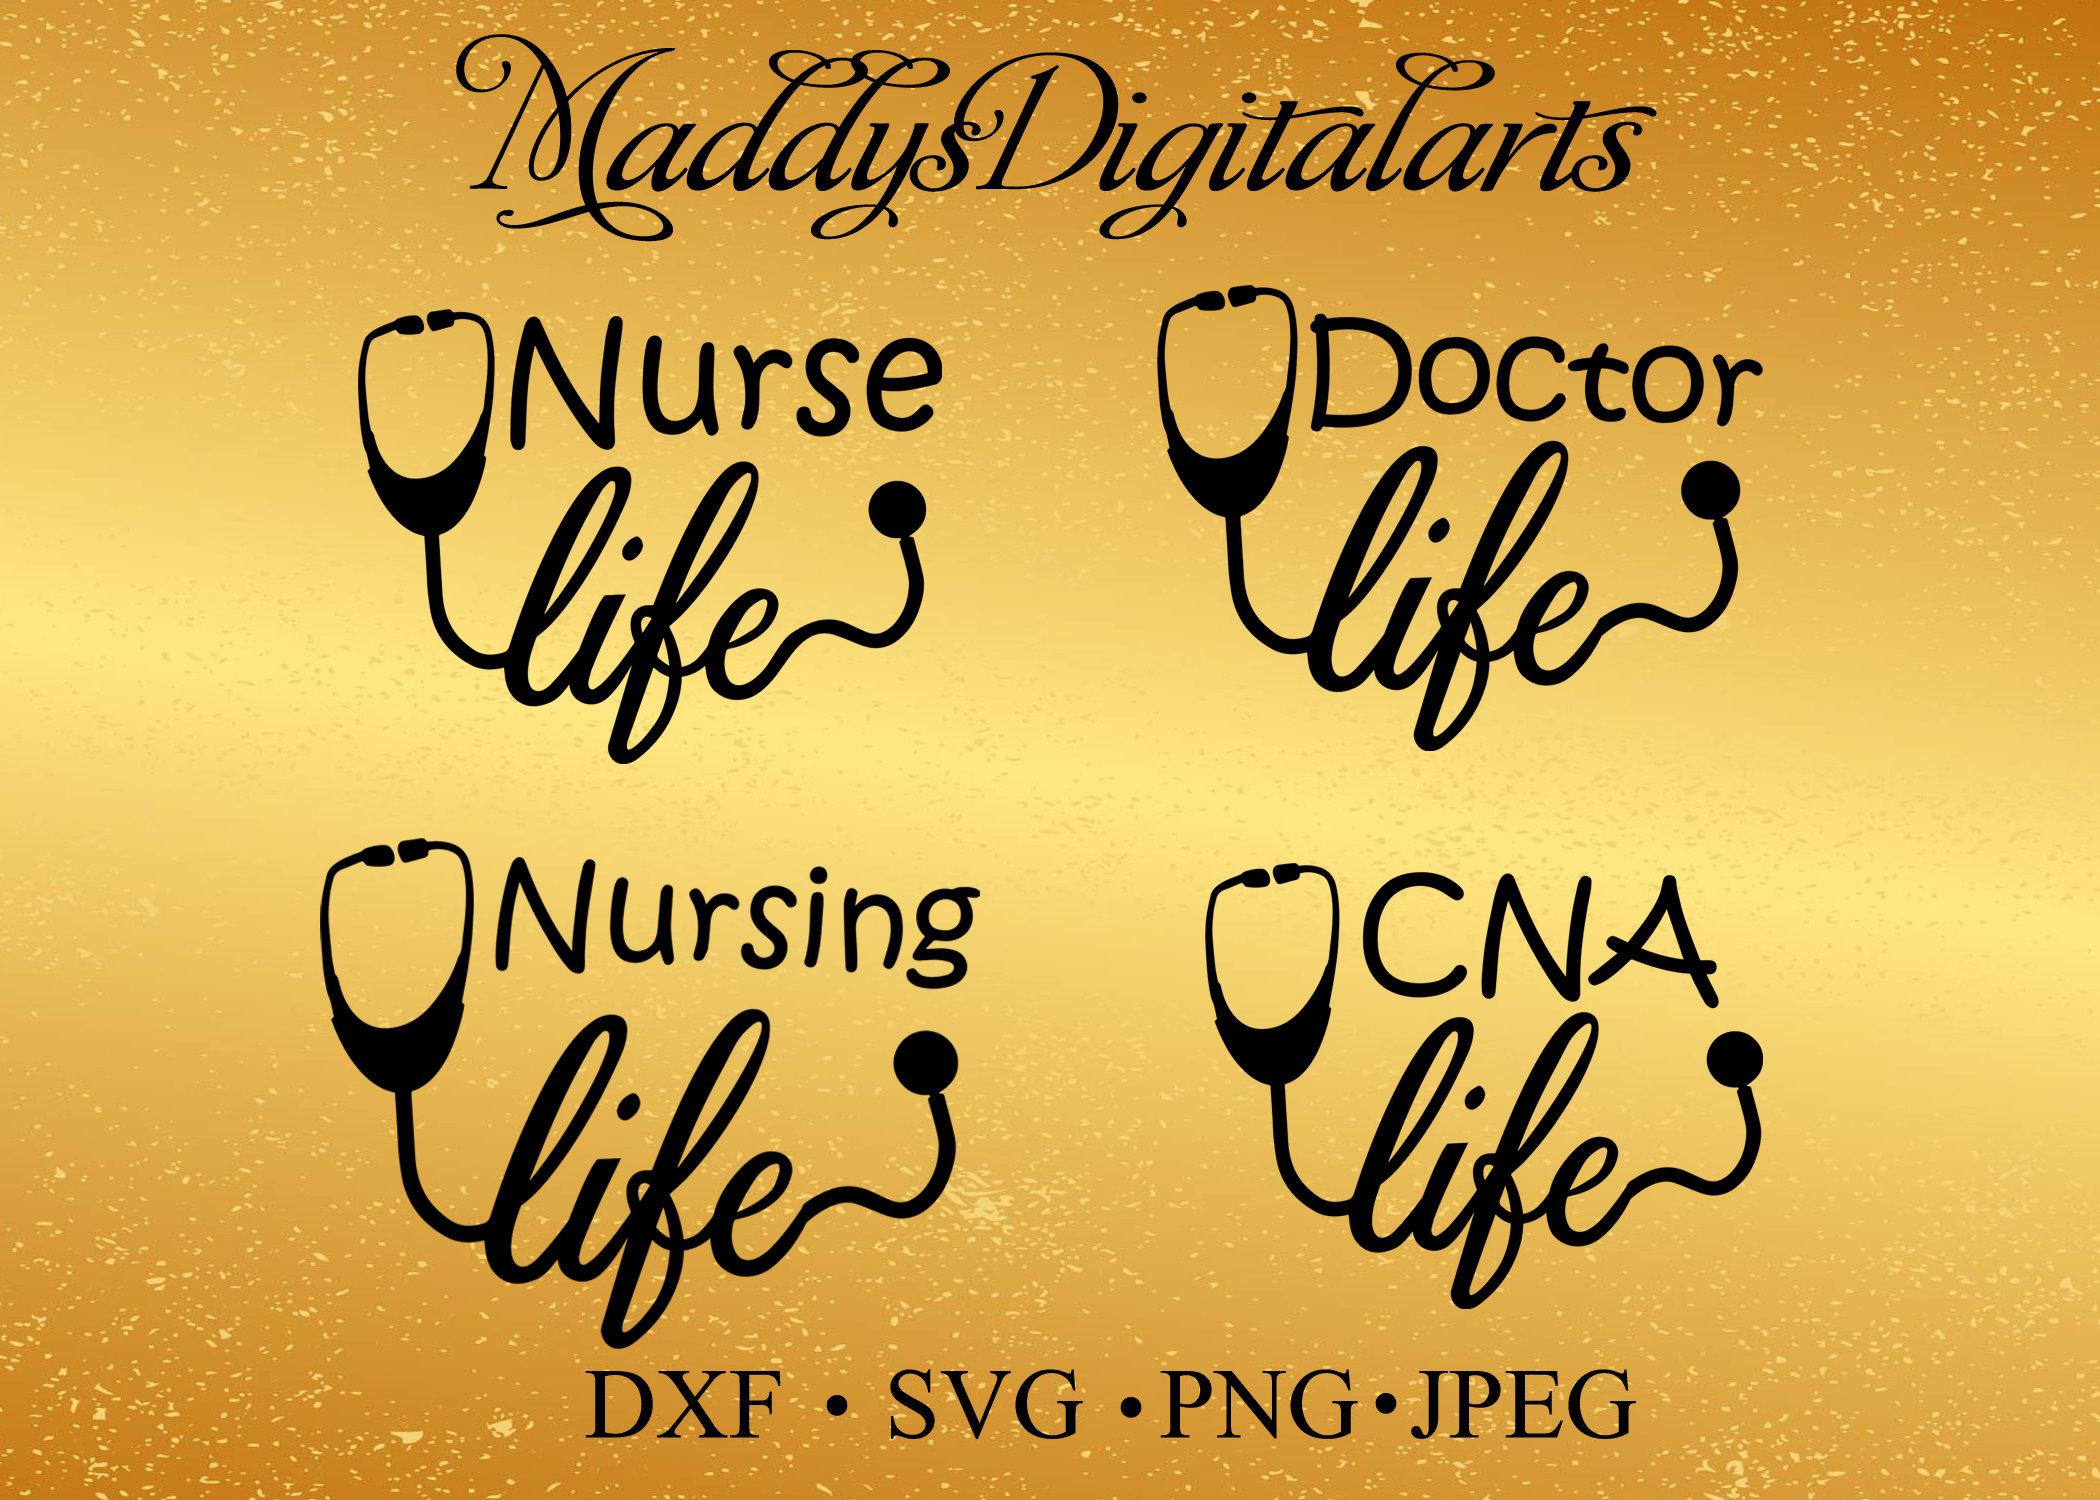 Nurse Svg Nurse Life Svg Cna Svg Cna Life Svg Stethoscope Etsy